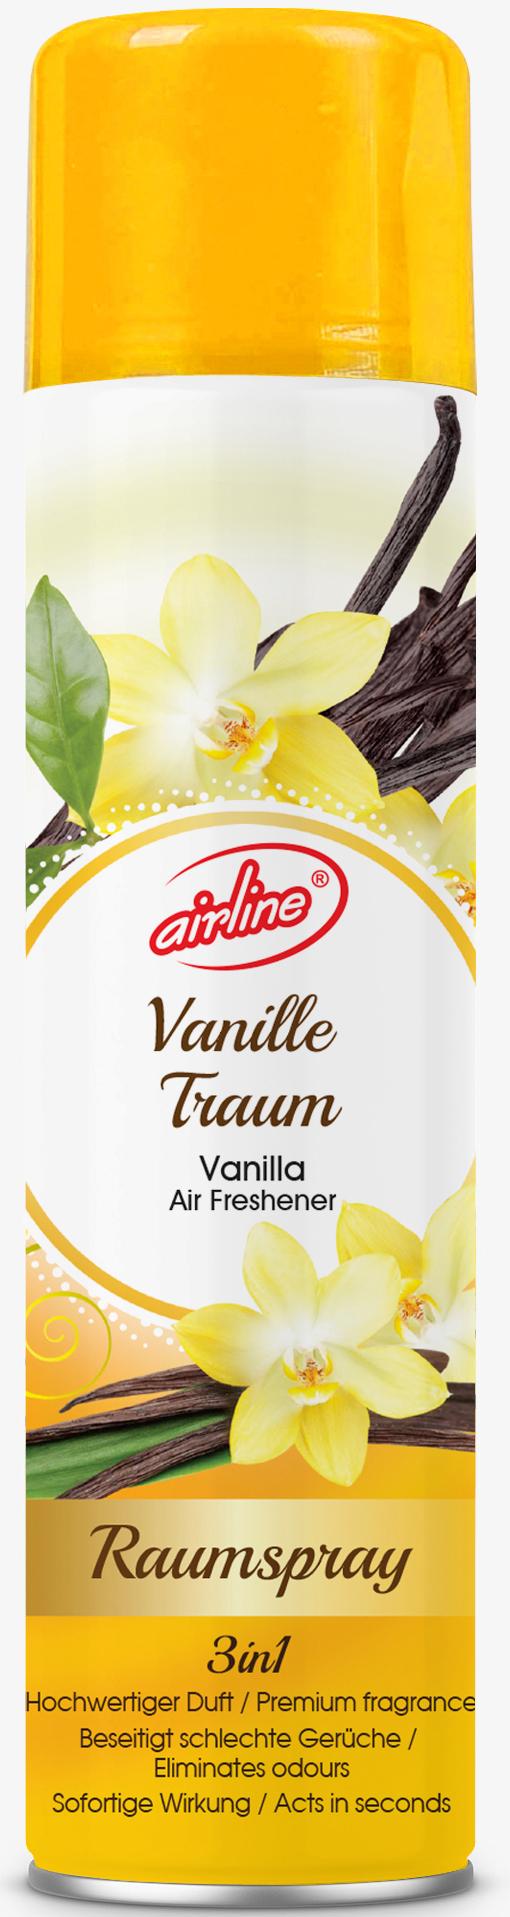 00514 - airline Raumspray 300 ml - Vanille Traum